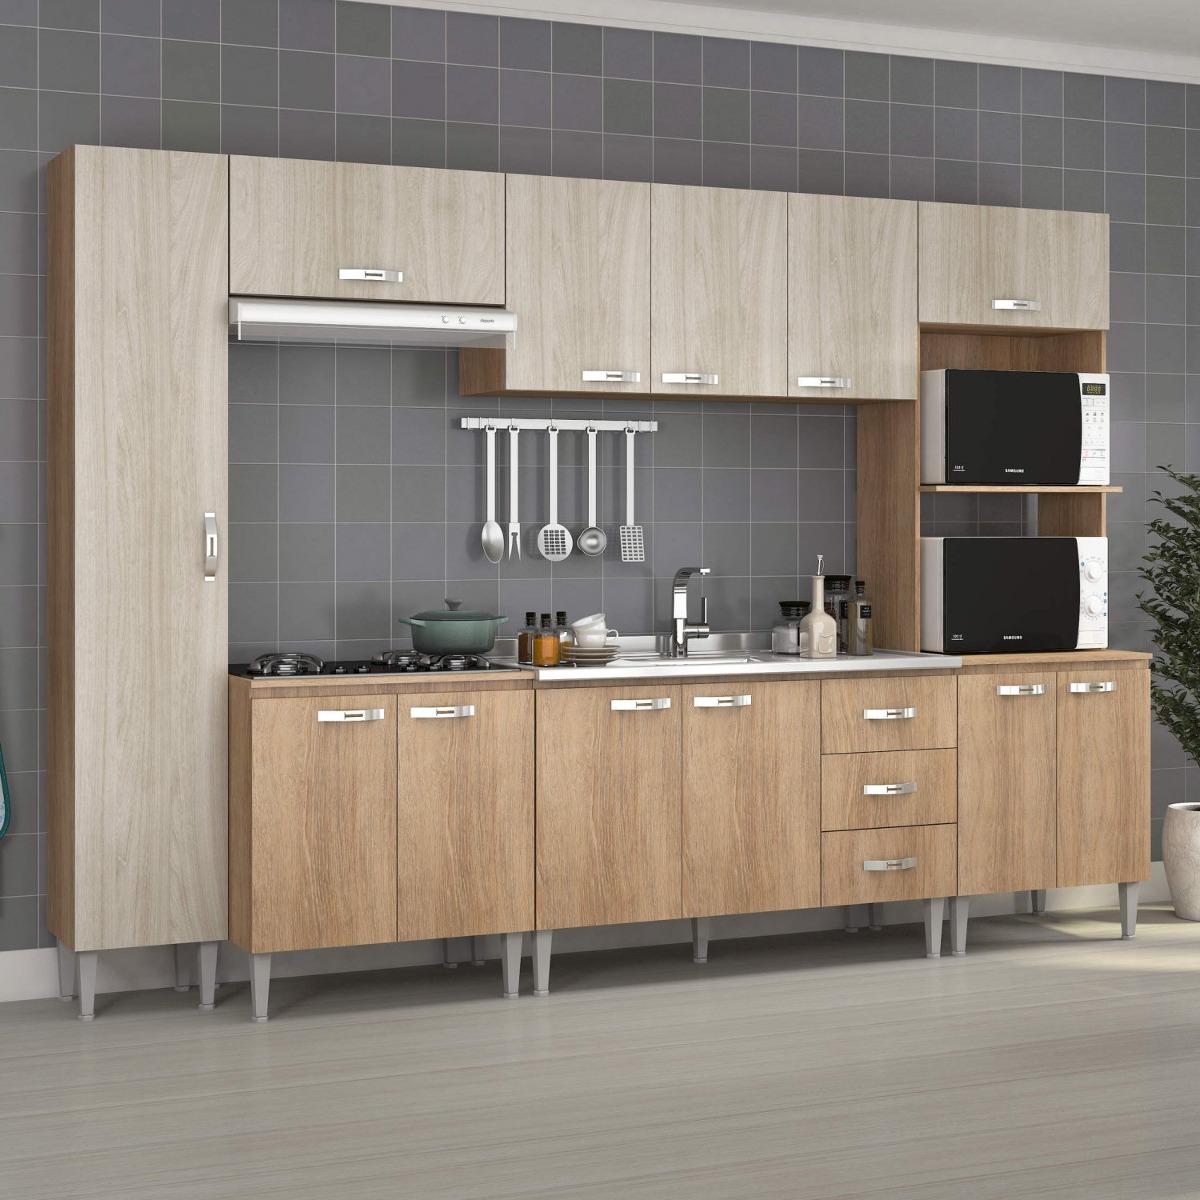 Cozinha Completa Com Balc O Sem Pia 6 Pe As 12 Ifwt R 1 132 70 Em